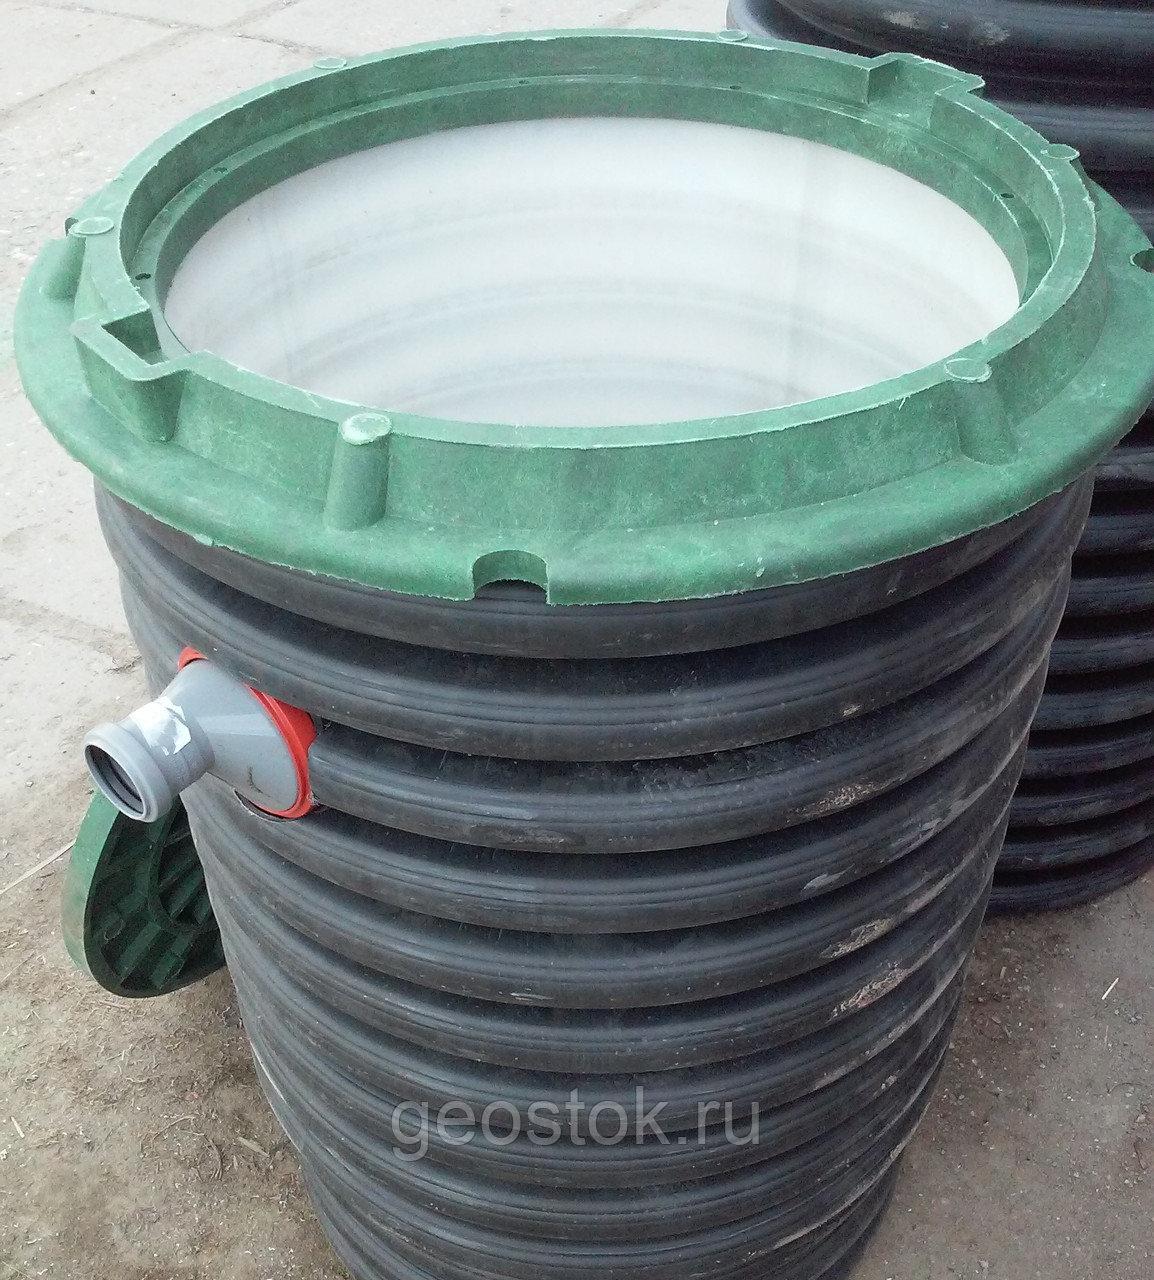 Пластиковые канализационные колодцы — обзор полиэтиленовых и полимерных видов